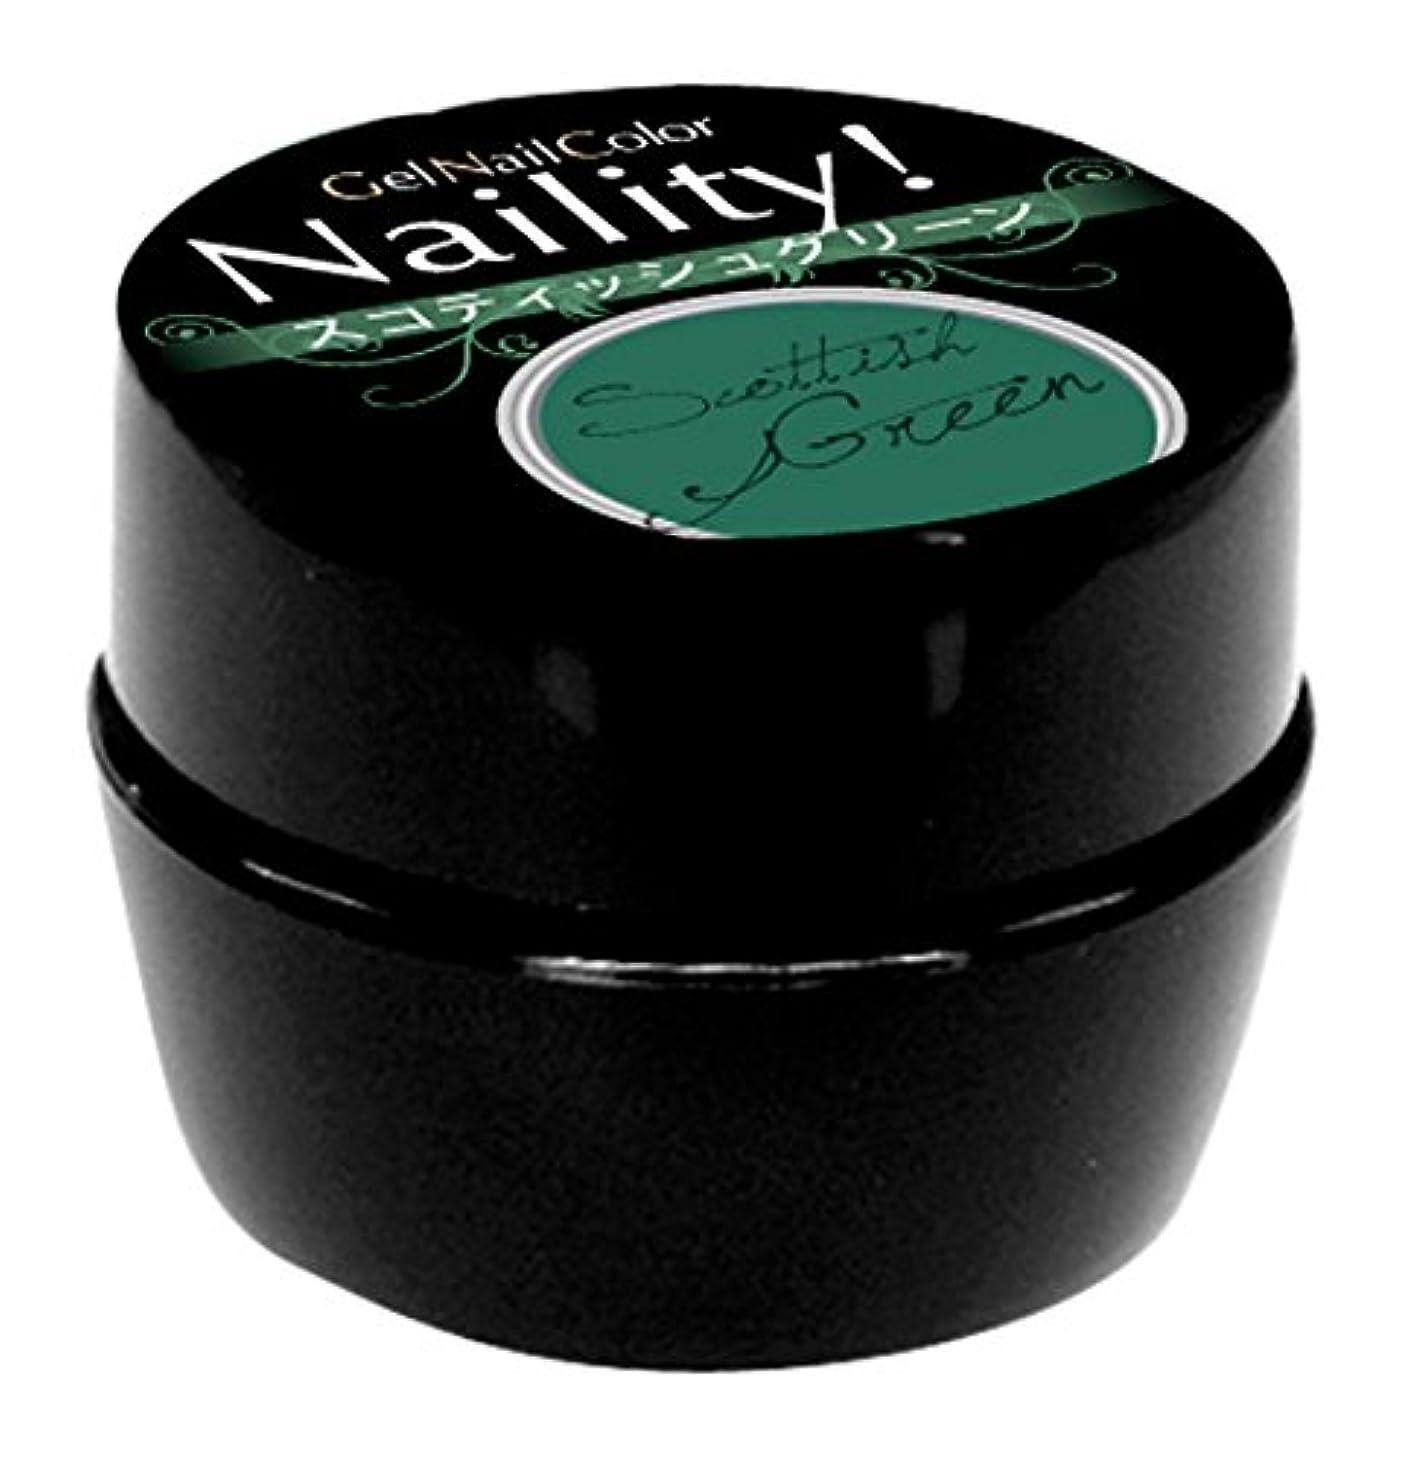 フェンス塩代表してネイリティ! ネイル ジェルネイルカラー 092 スコティッシュグリーン 4g